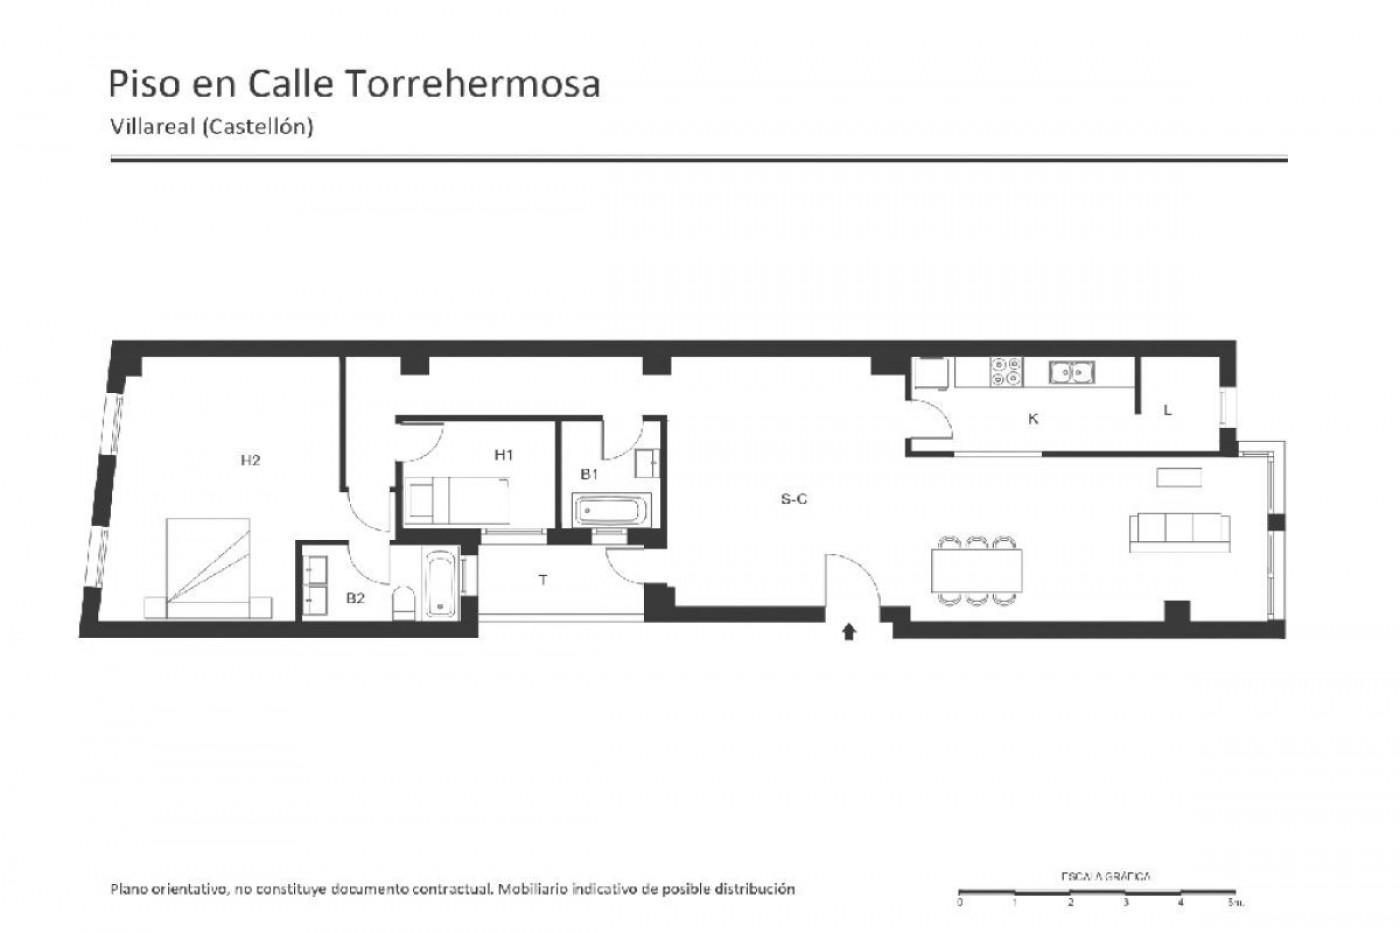 Apartamento, Vila-real, Venta - Castellón (Castellón)